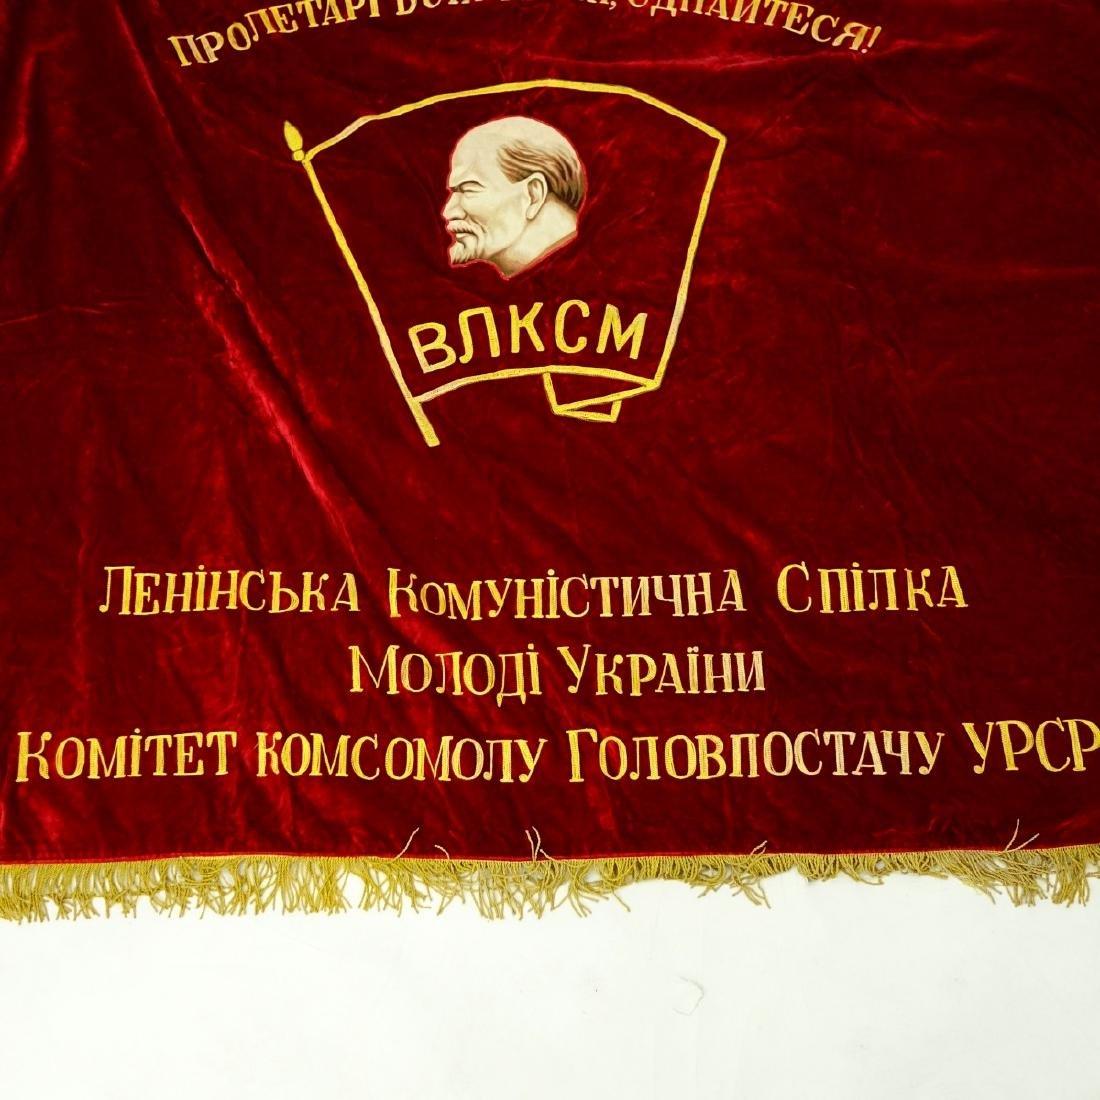 20th Century Russian Soviet Era Lenin-vlksm - 3